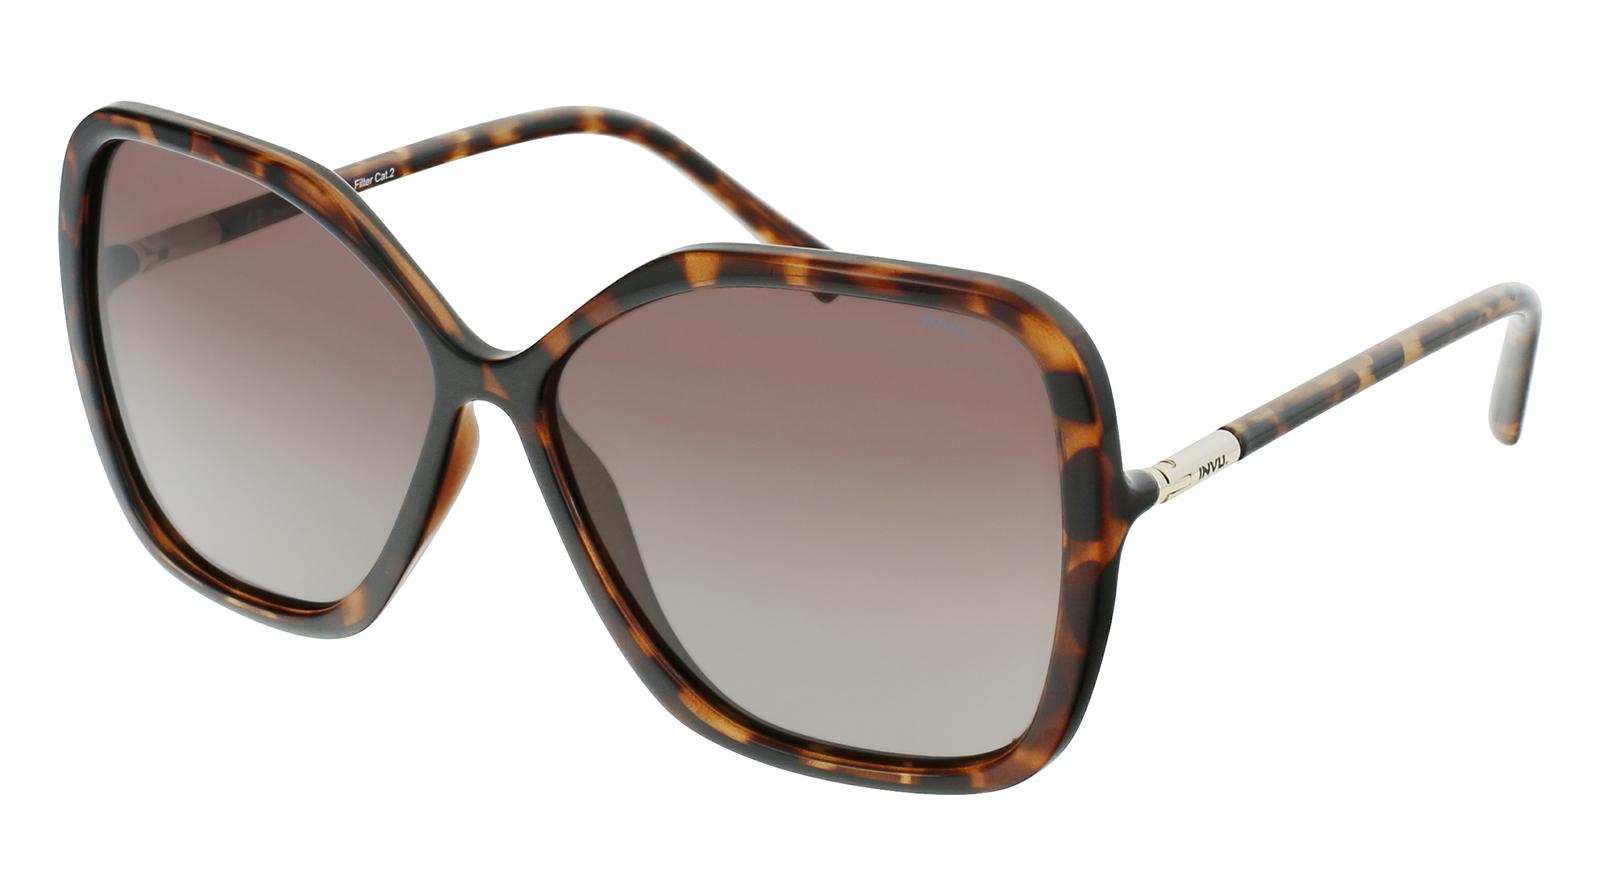 INVU női napszemüveg B2103 B